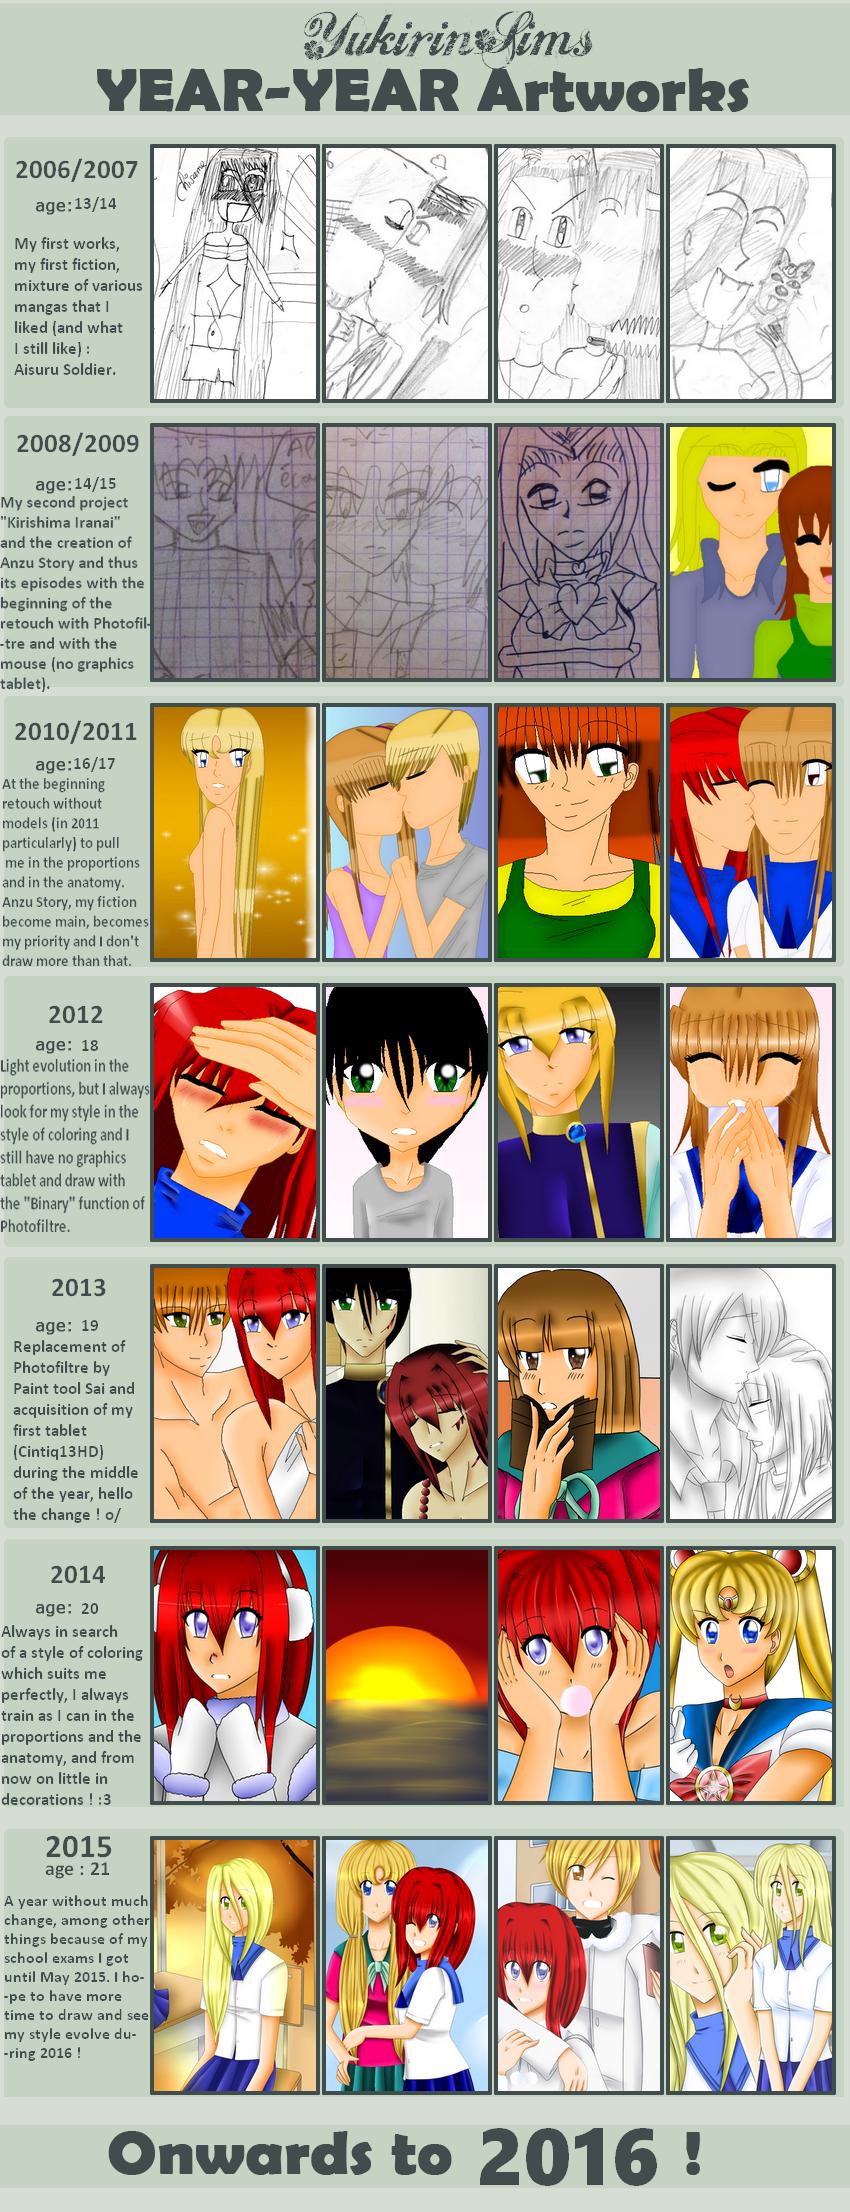 YukirinSims YearYear Artworks